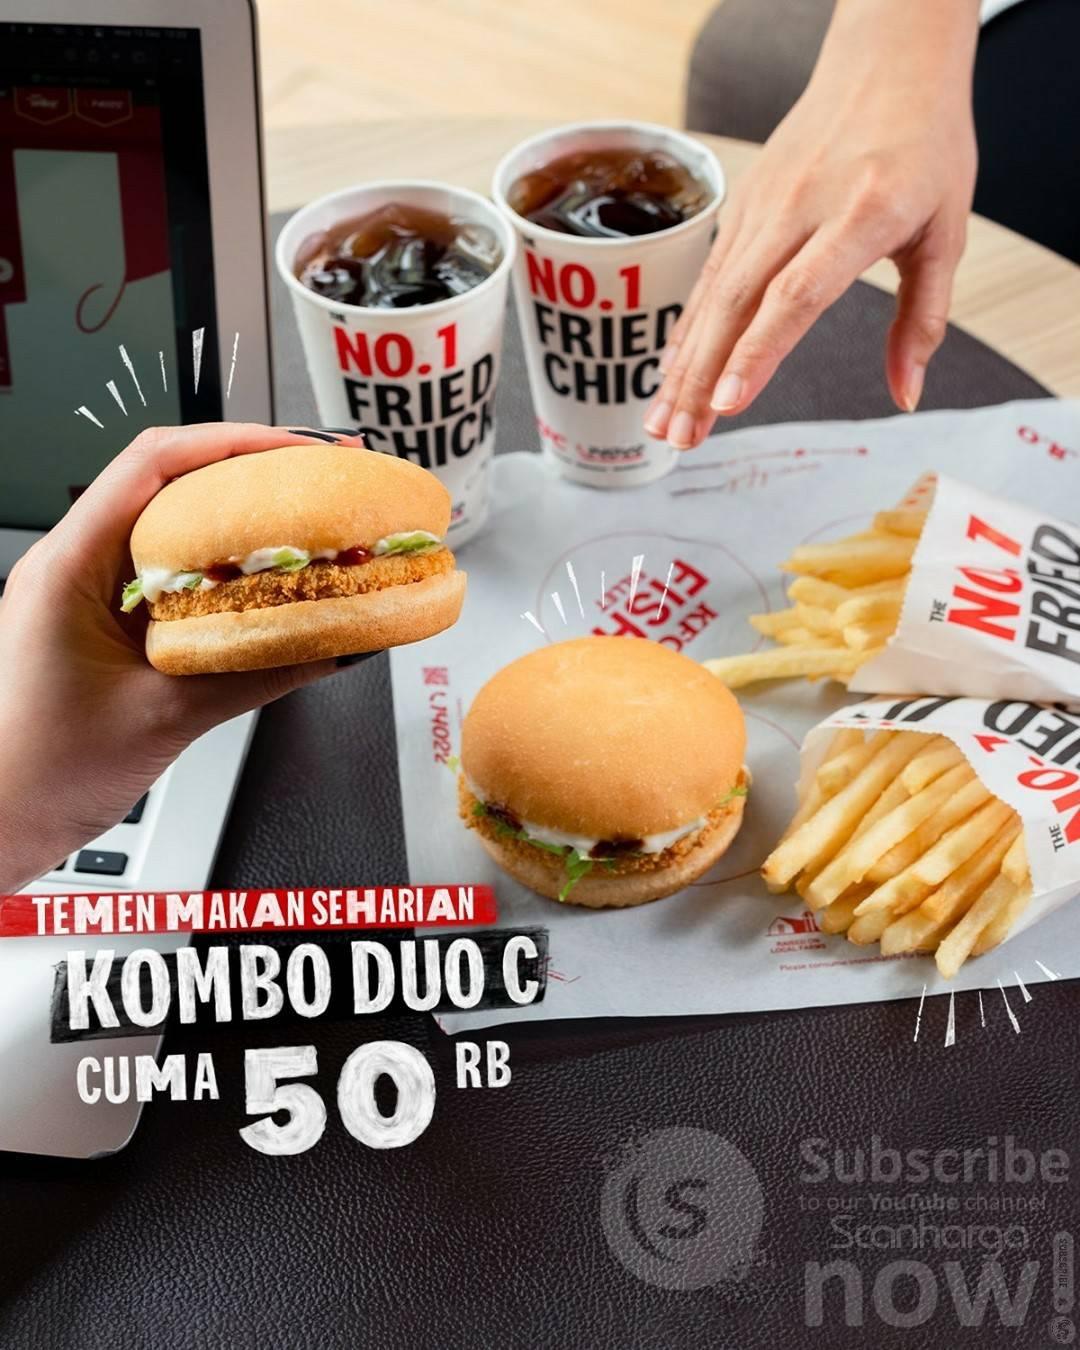 KFC KOMBO DUO C